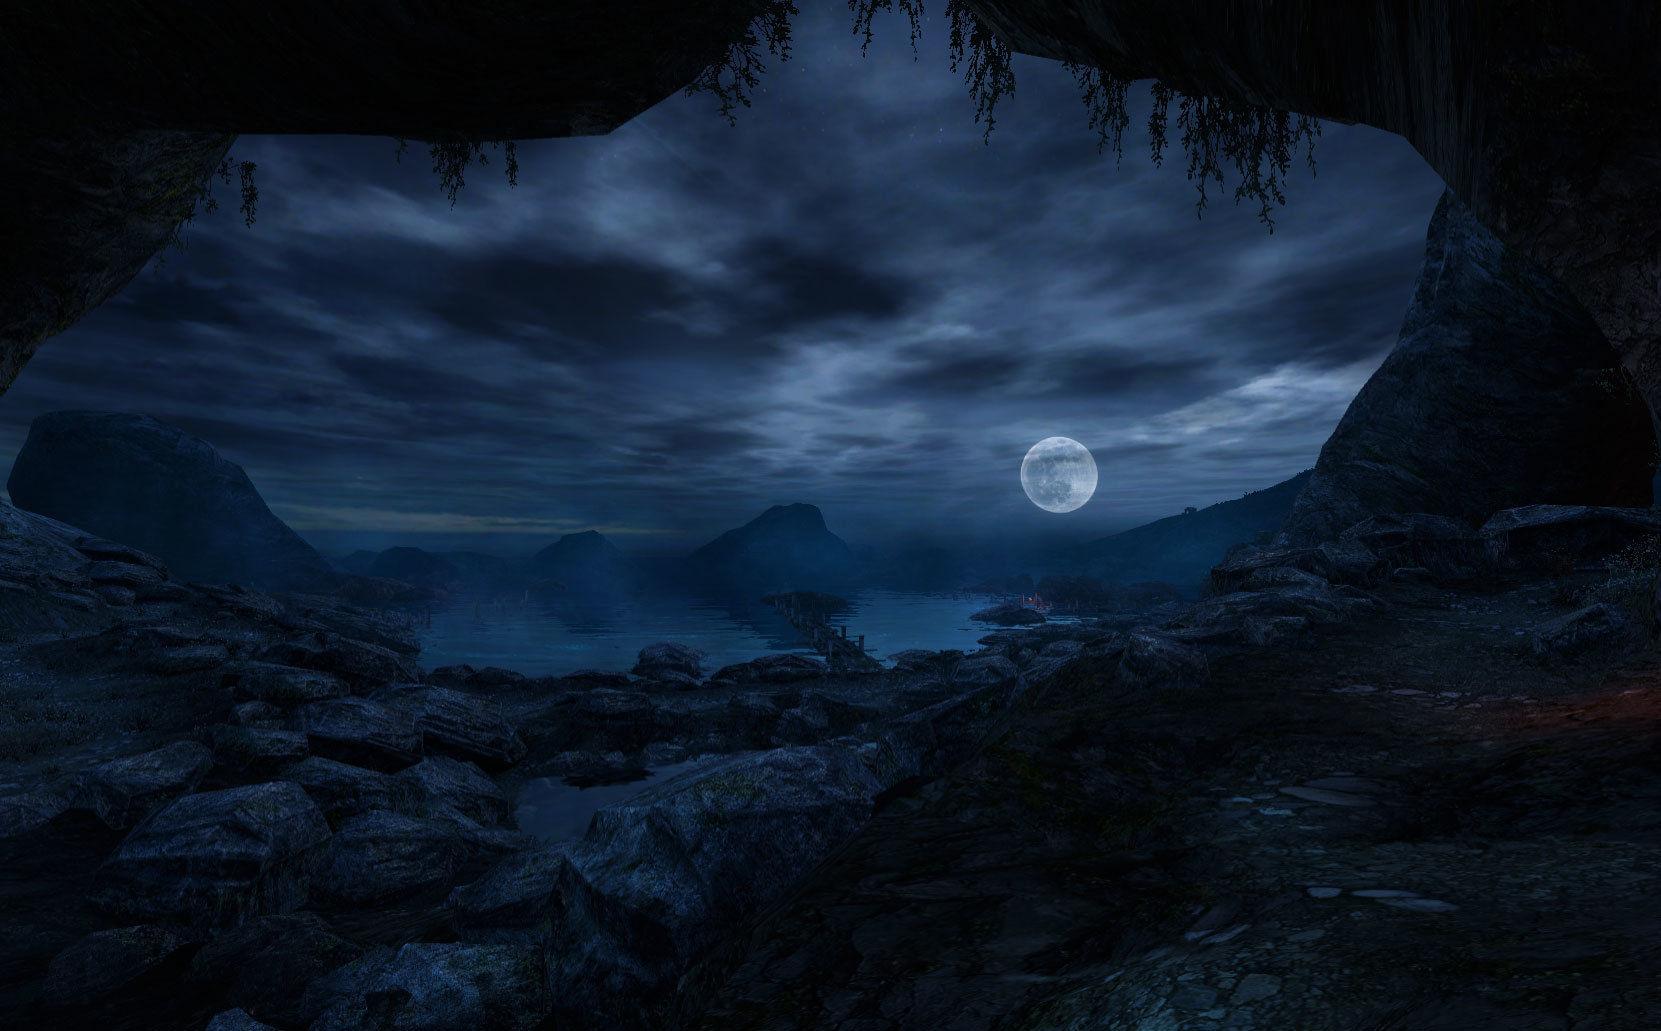 Nun ist der Mond aufgegangen